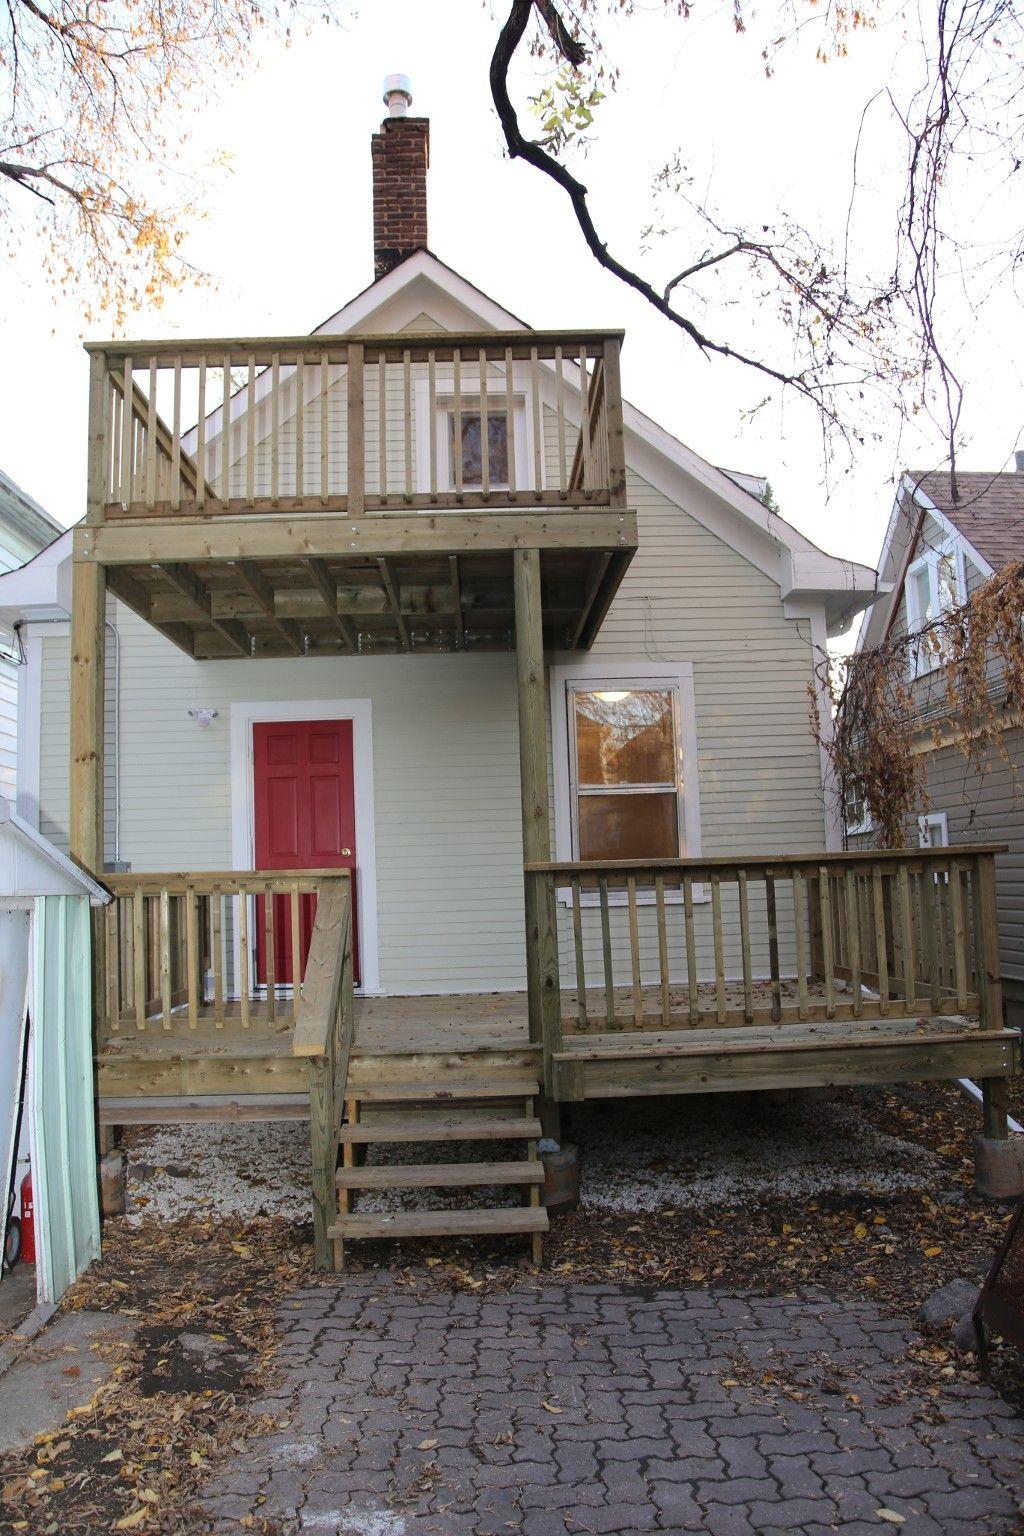 Photo 36: Photos: 496 Stiles Street in Winnipeg: Wolseley Single Family Detached for sale (West Winnipeg)  : MLS®# 1527832